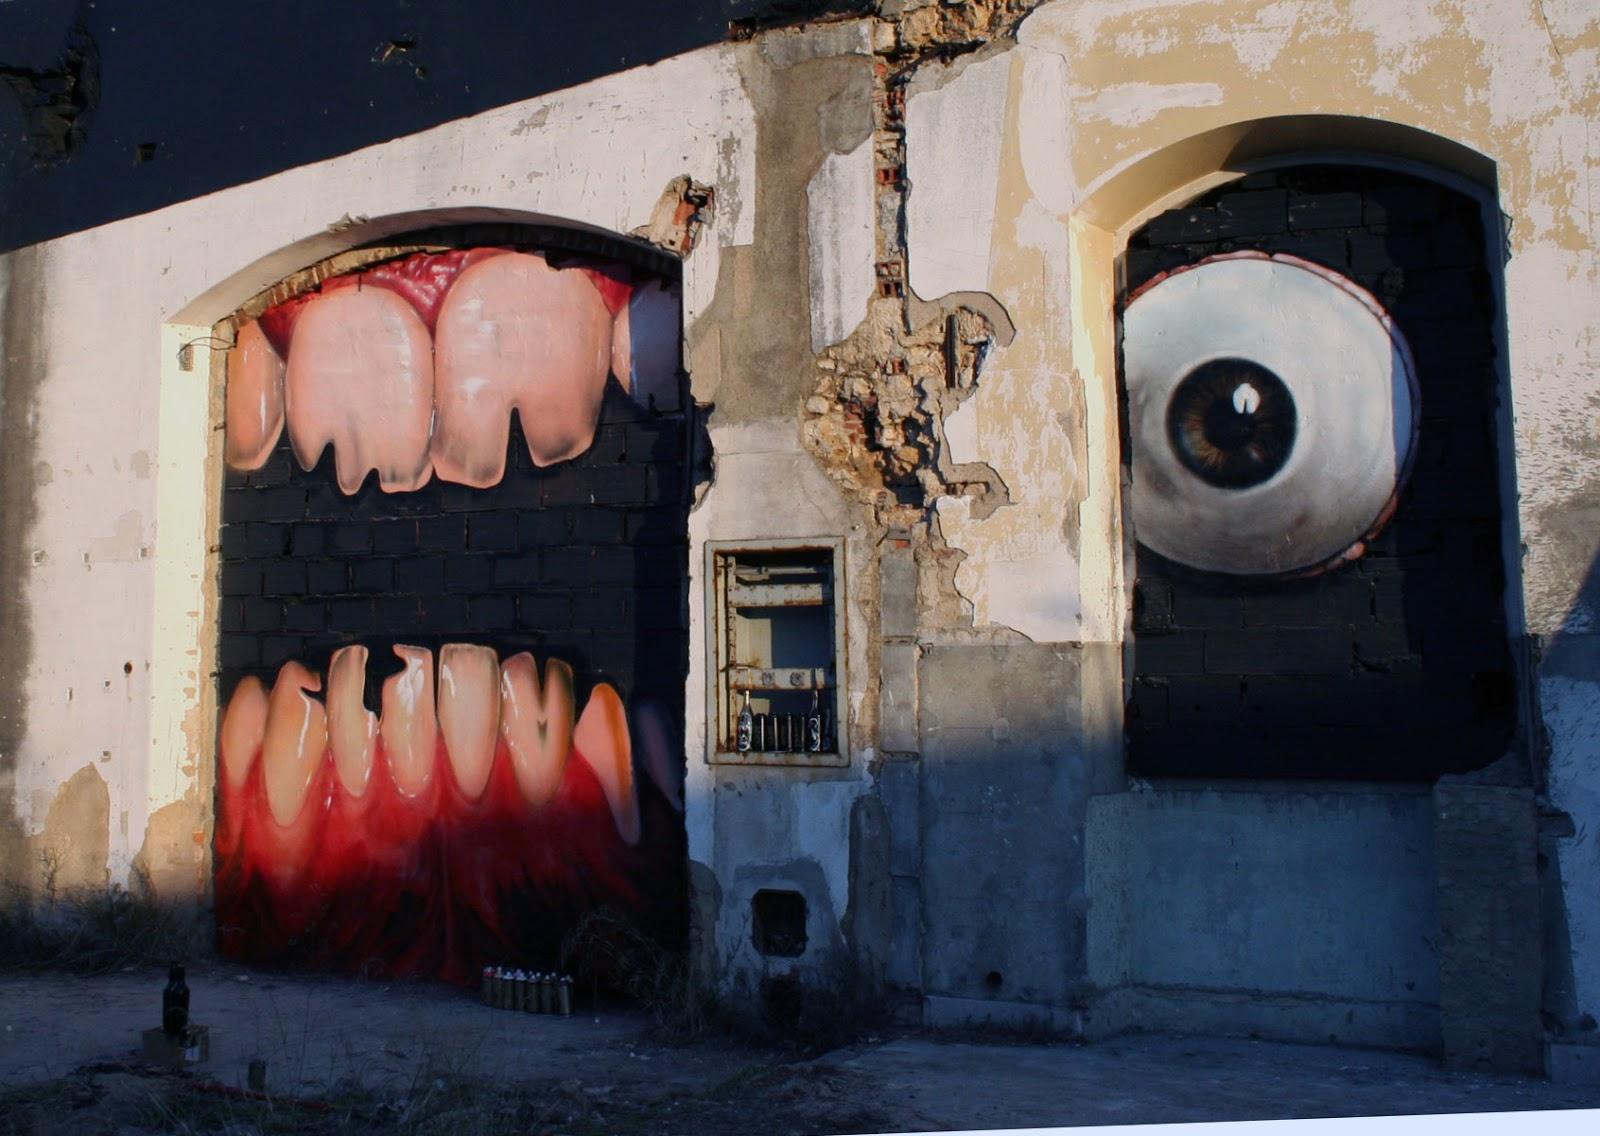 Parede velha com grafites de uma boca com dentes quebrados e um olho arregalado: ilustra a seção a respeito dos textos das linhas de ''Shih Ho / Morder'', um dos 64 hexagramas do I Ching, o Livro das Mutações